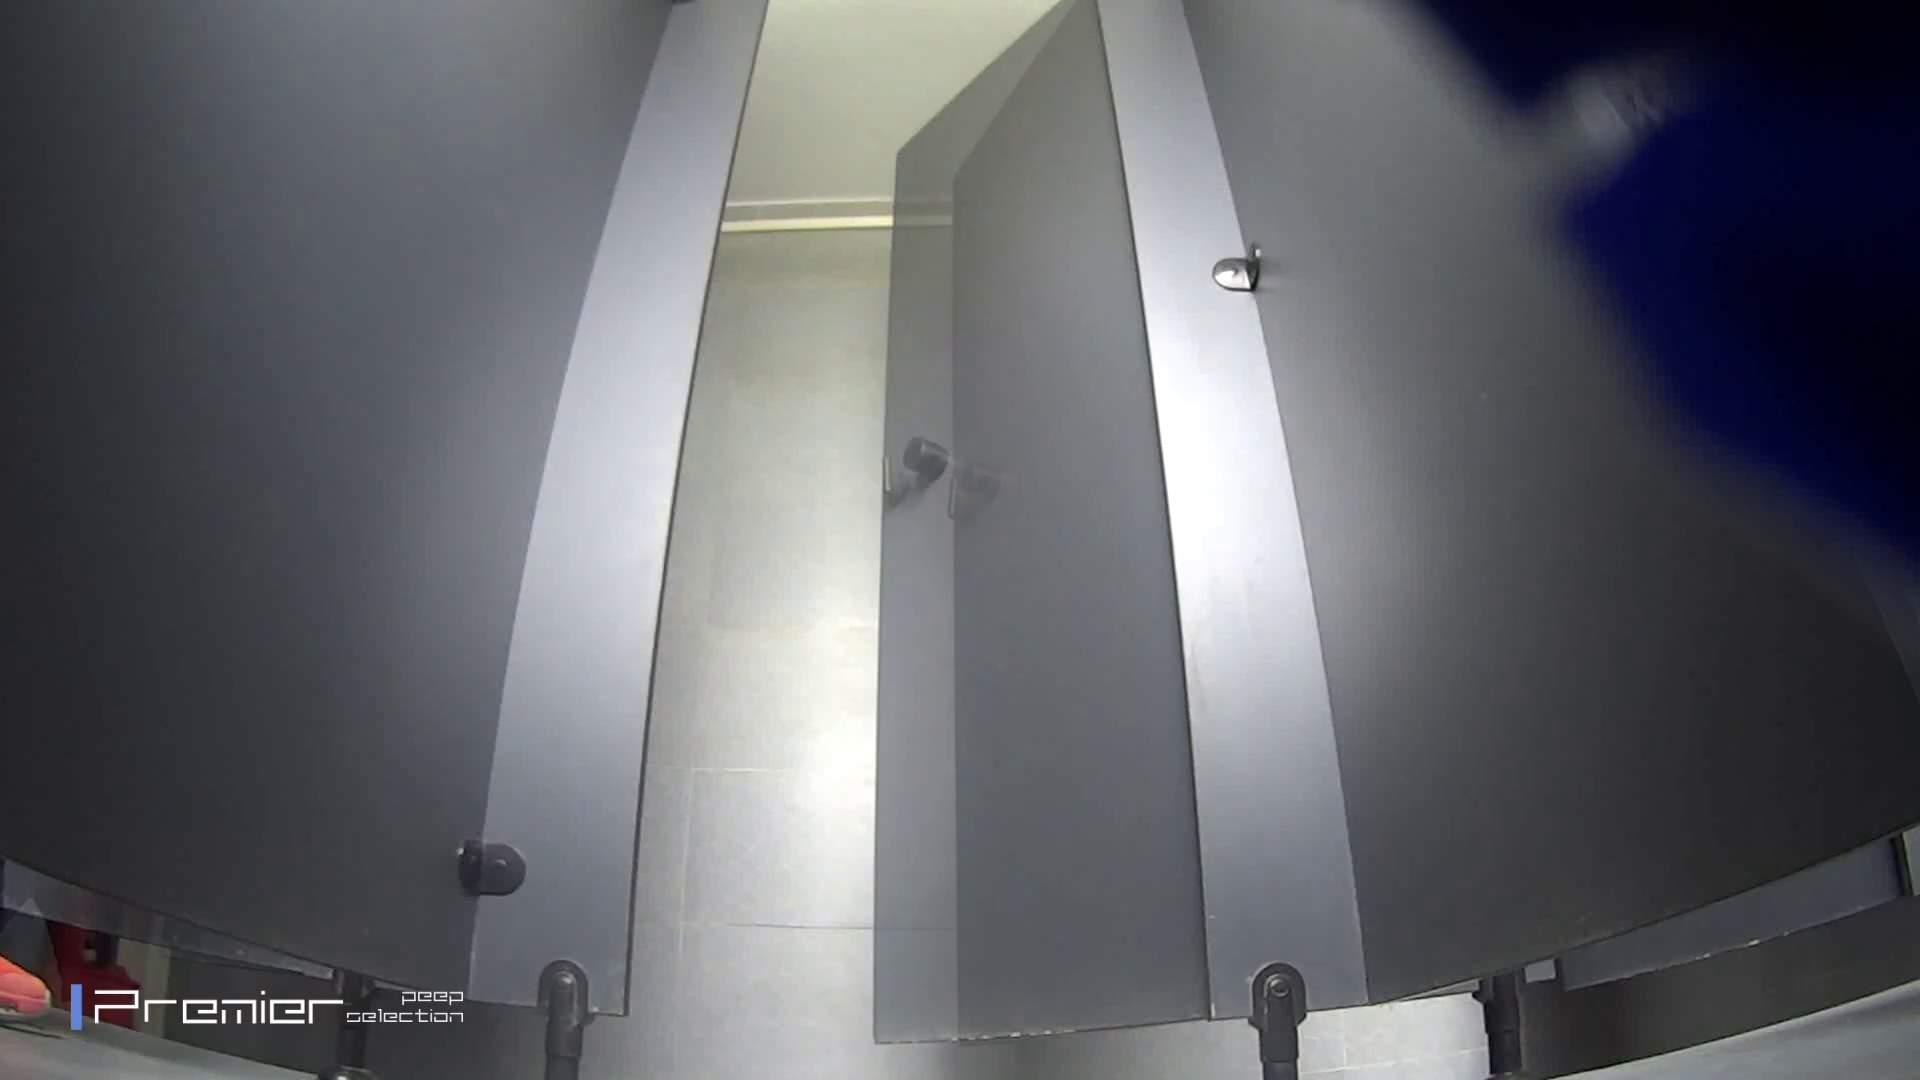 ツンデレお女市さんのトイレ事情 大学休憩時間の洗面所事情32 トイレ中 | 美女達のヌード  100連発 81